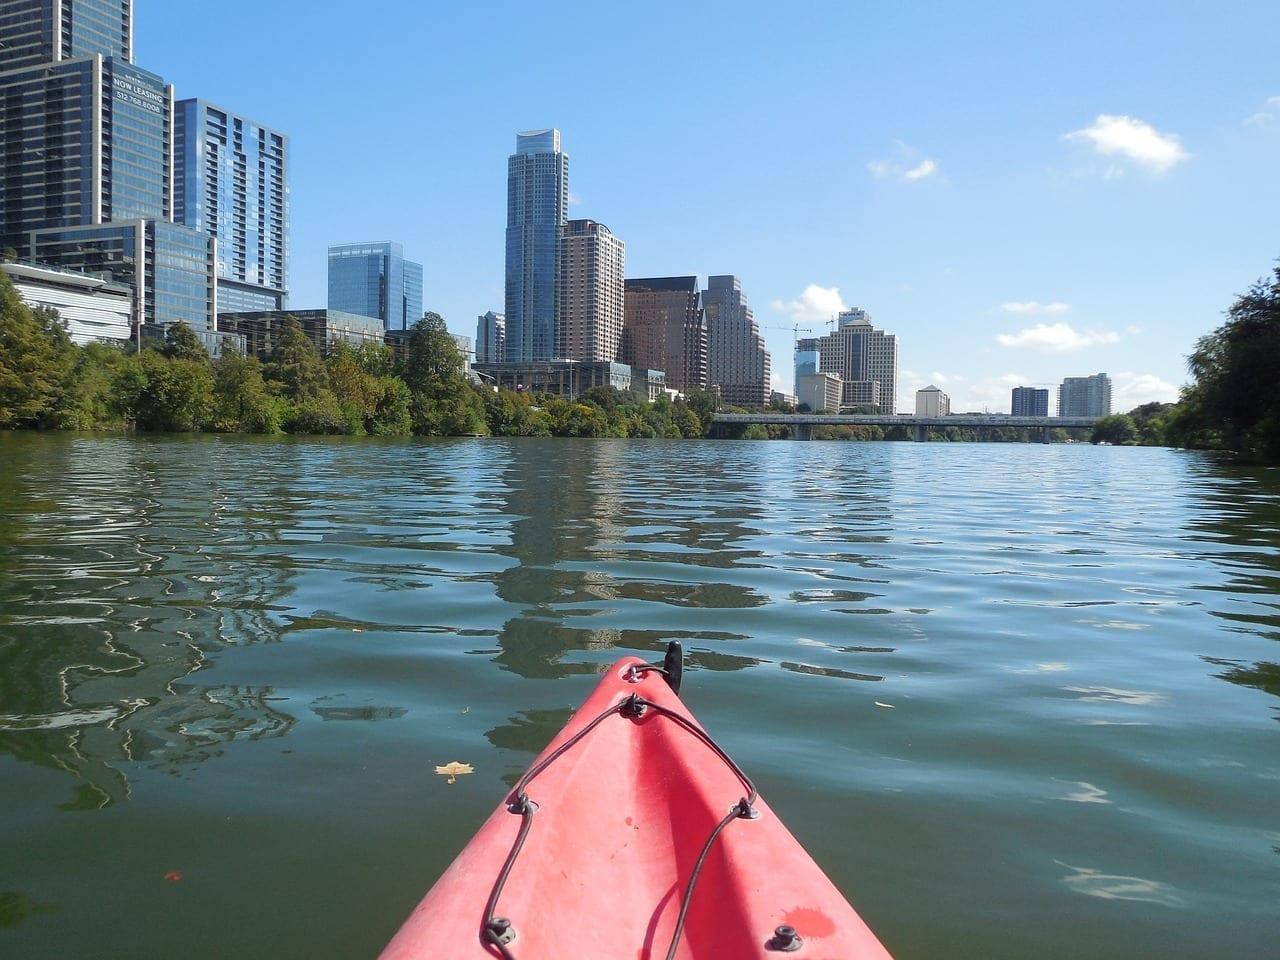 Austin Río Kayak Estados Unidos